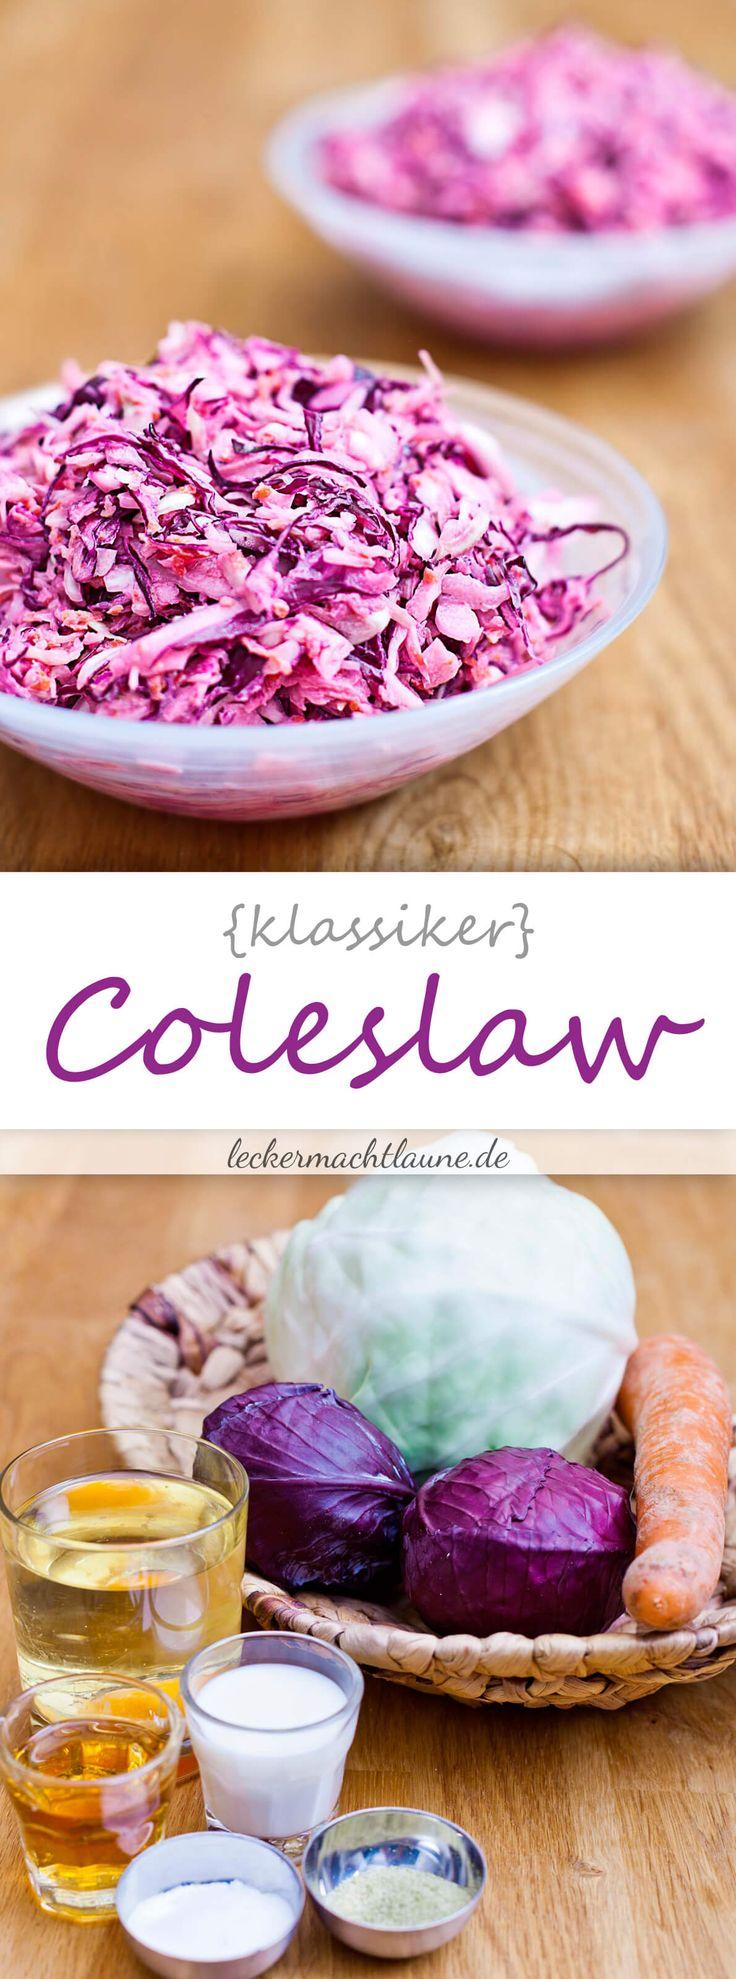 Coleslaw (oder auch: Krautsalat) ist eine tolle Beilage nicht nur zum Grillen, sondern auch so. Und das zu jeder Jahreszeit, finde ich :D